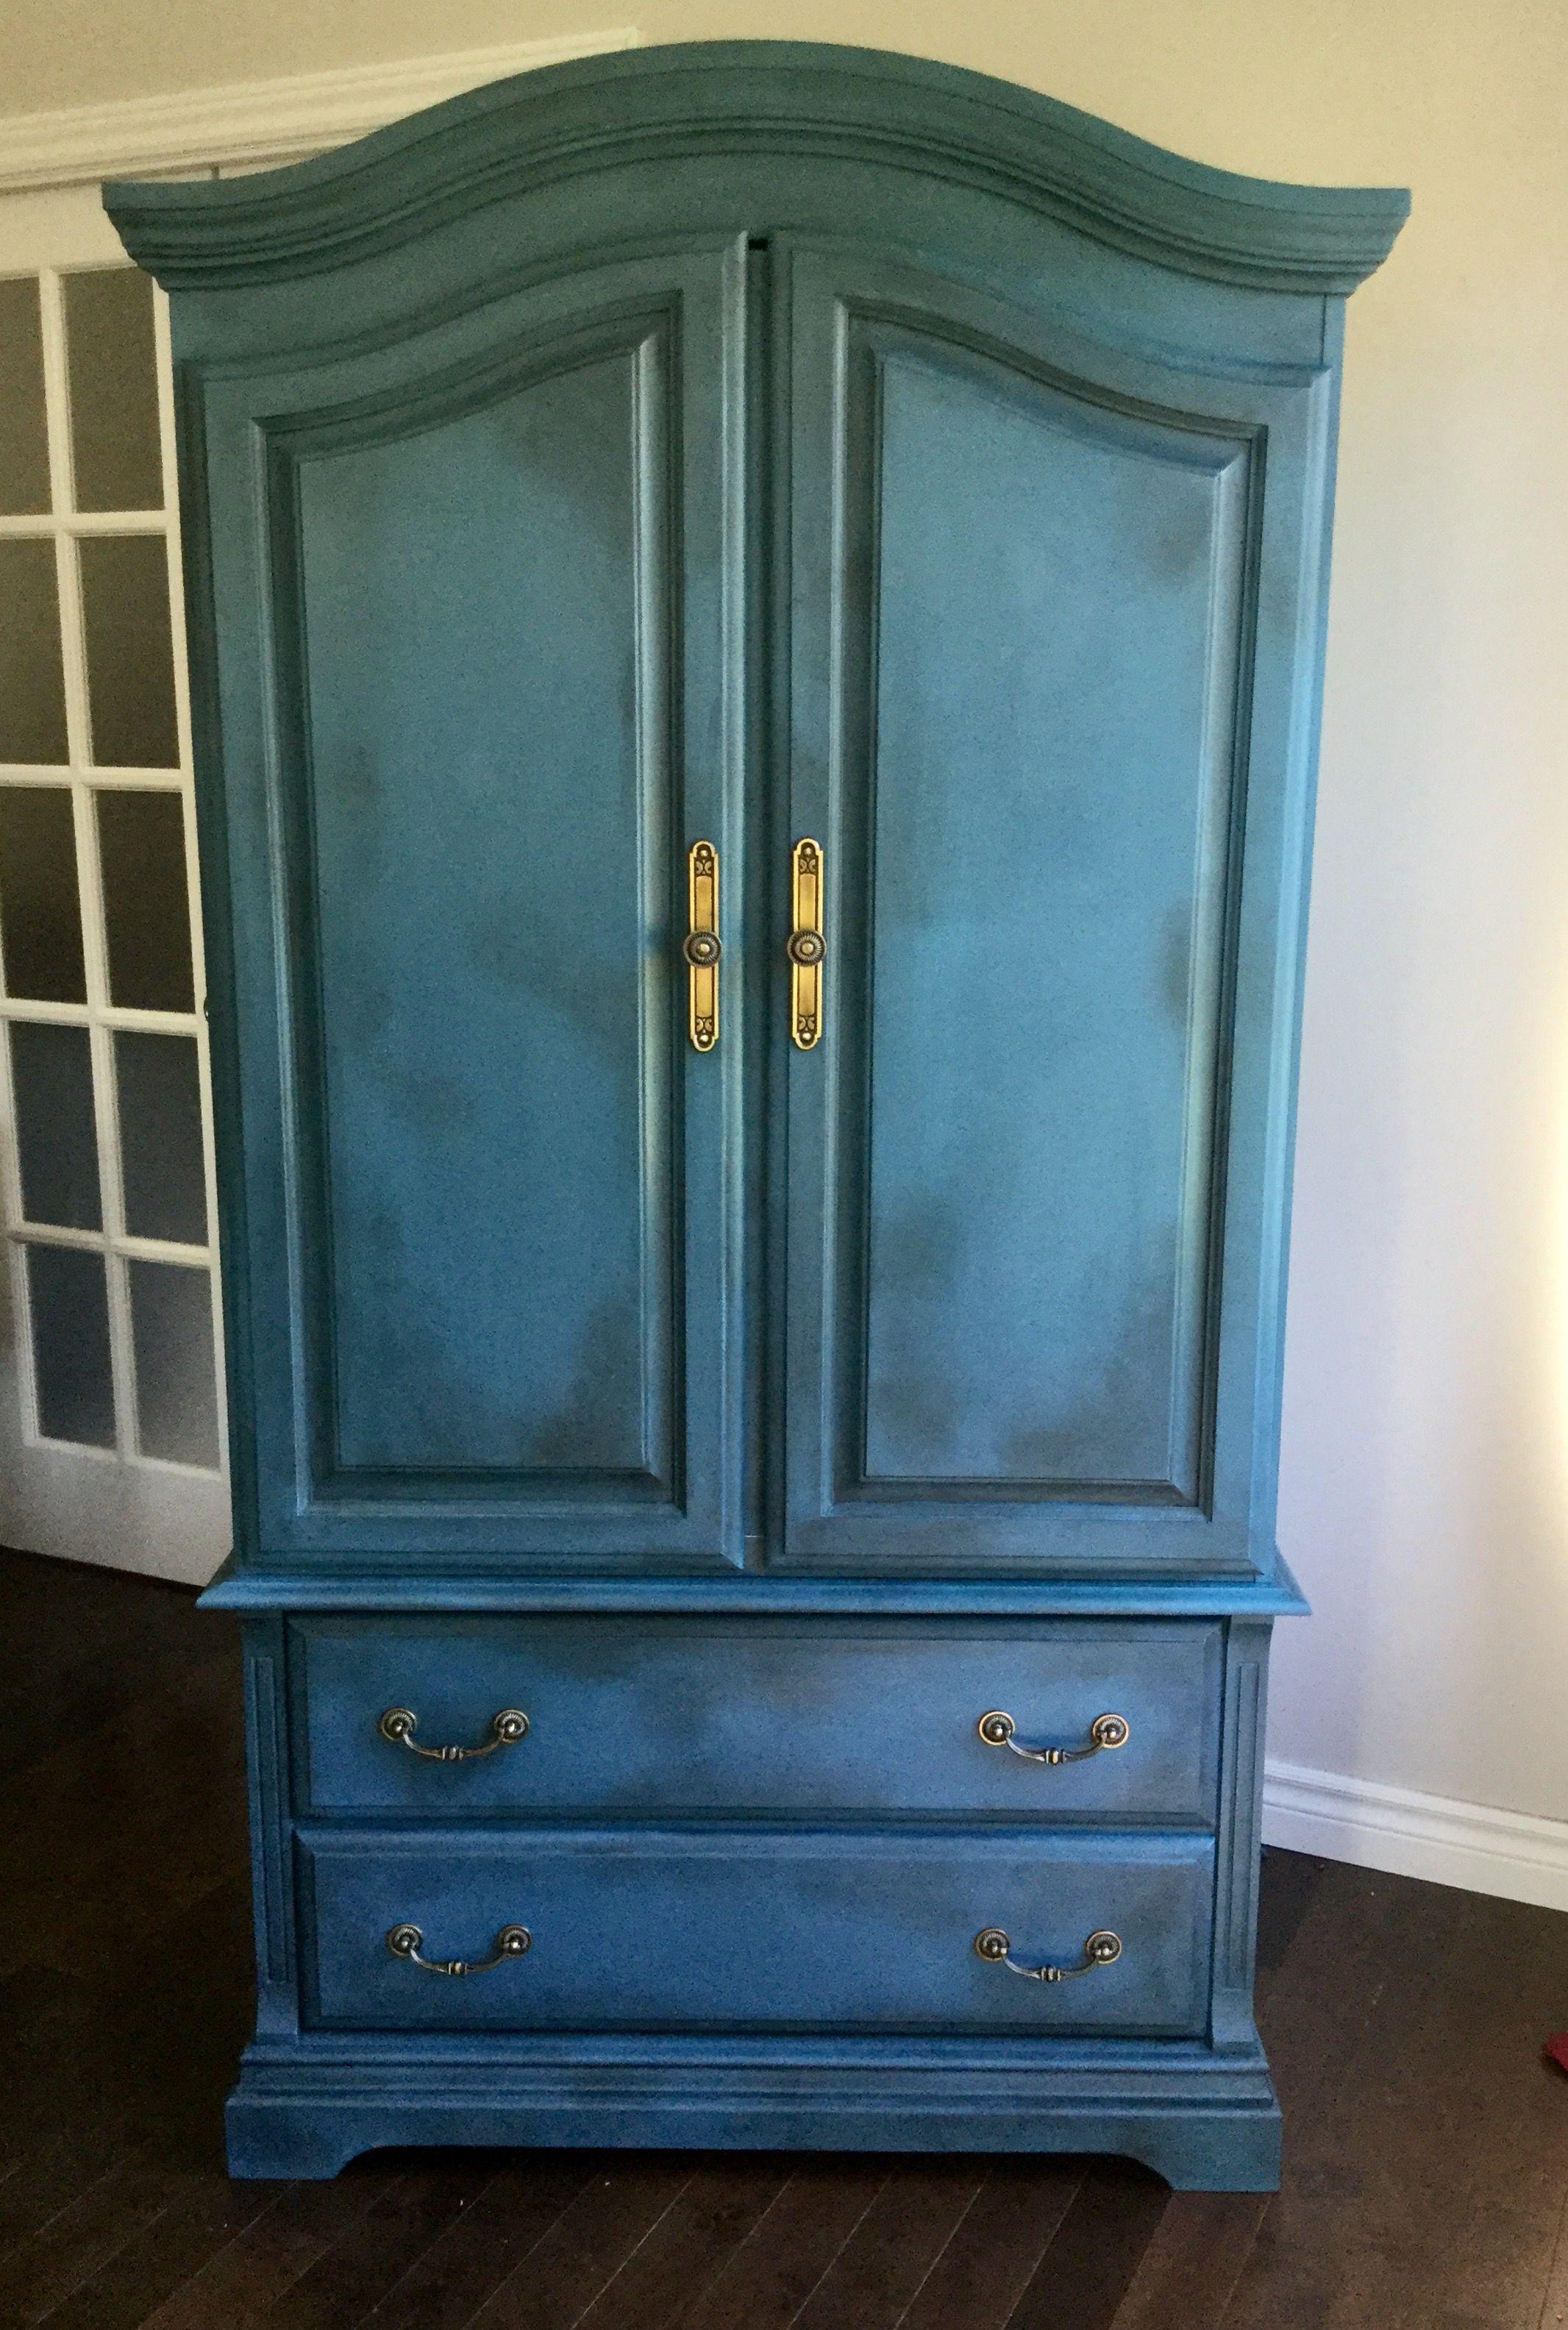 armoire relook e l 39 aide de la peinture annie slaon bleu aubusson le tout patin l 39 aide d. Black Bedroom Furniture Sets. Home Design Ideas